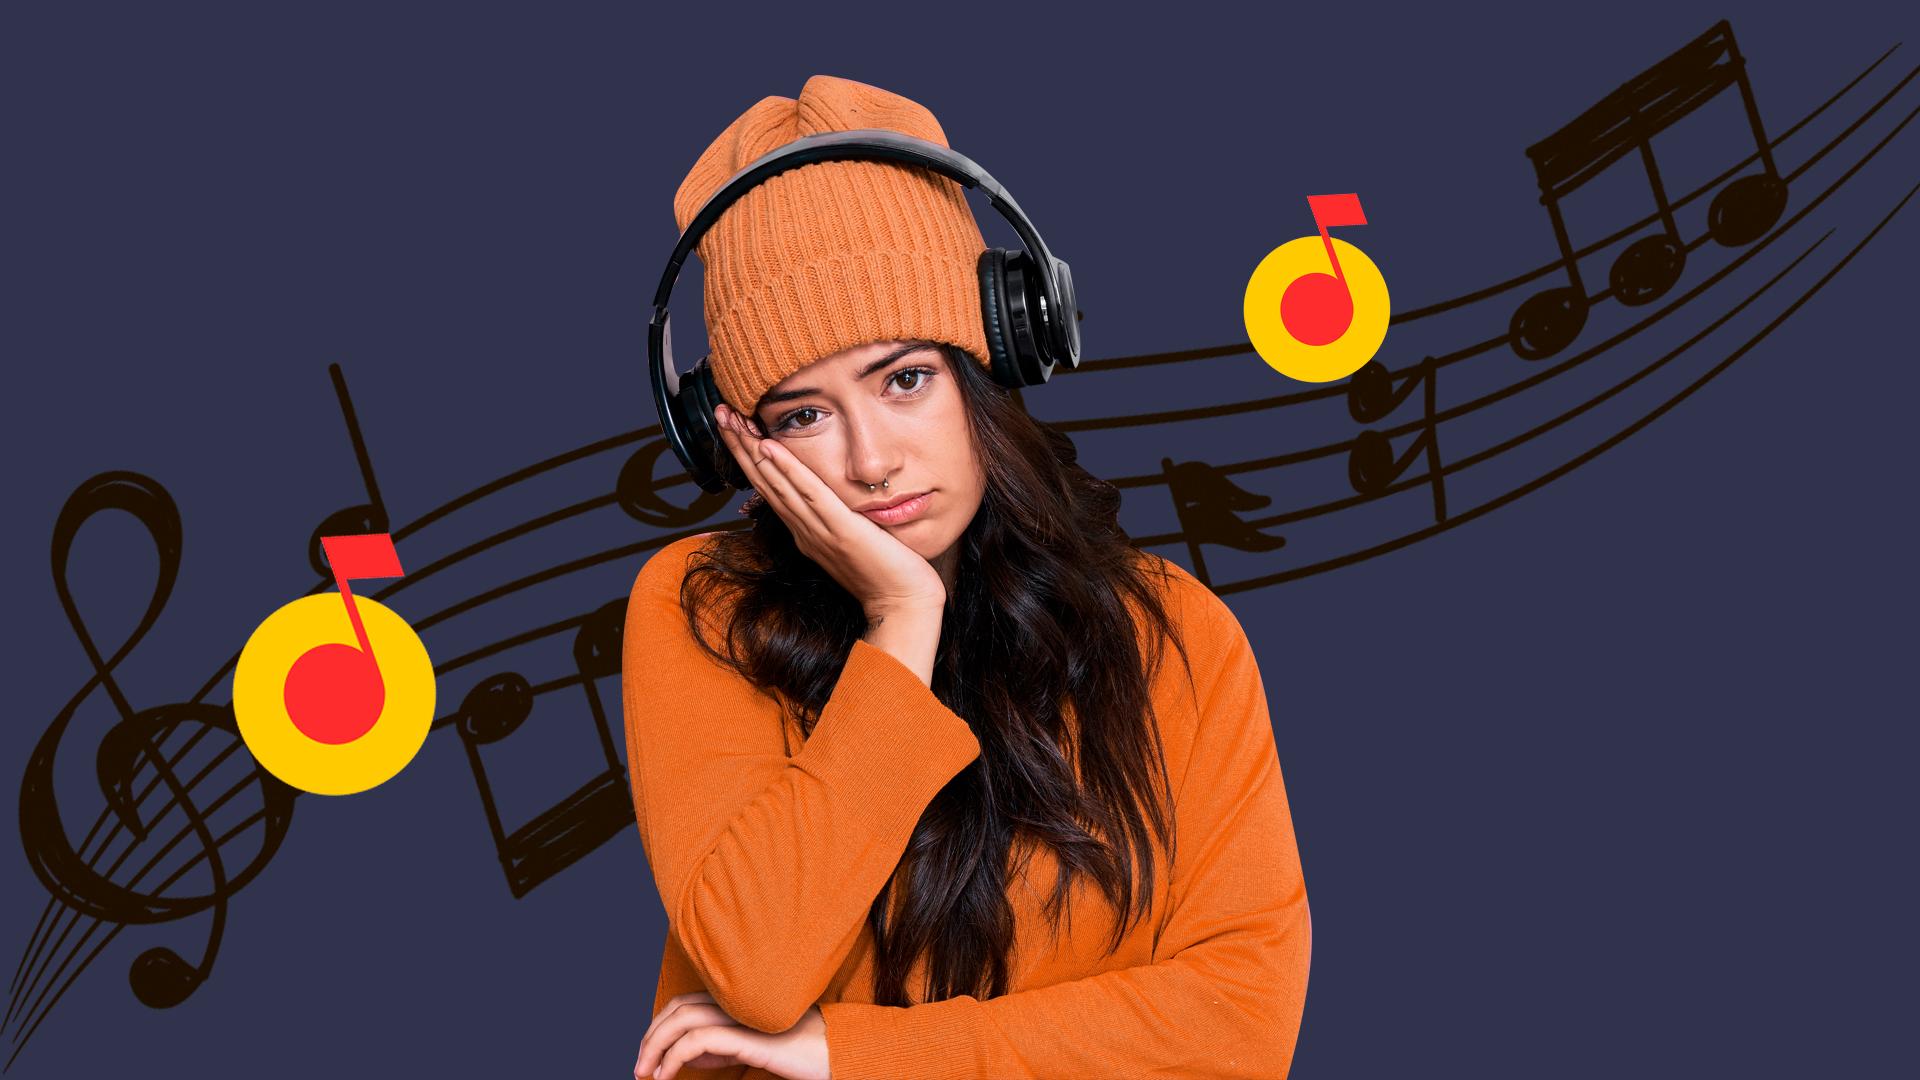 """Никаких больше песен. Из-за конфликта издательства """"Джем"""" и """"Яндекс.Музыки"""" подписчики больше не могут слушать треки любимых исполнителей"""